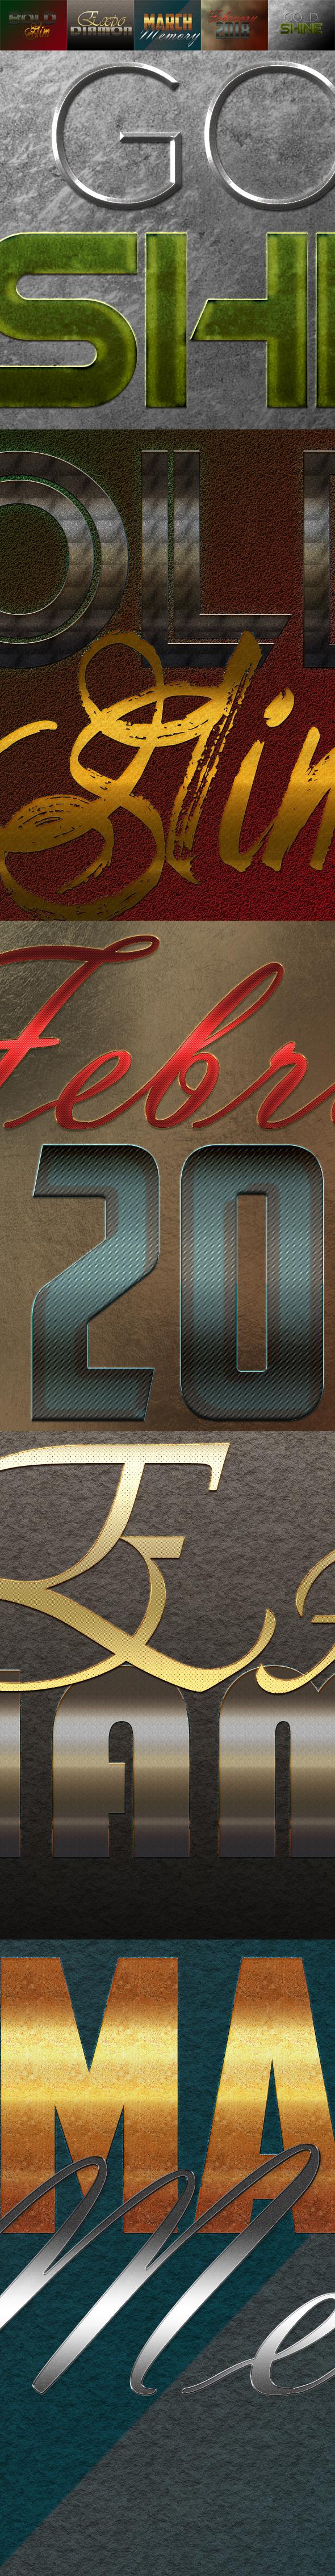 10 3D Text Styles D_66 - Styles Photoshop